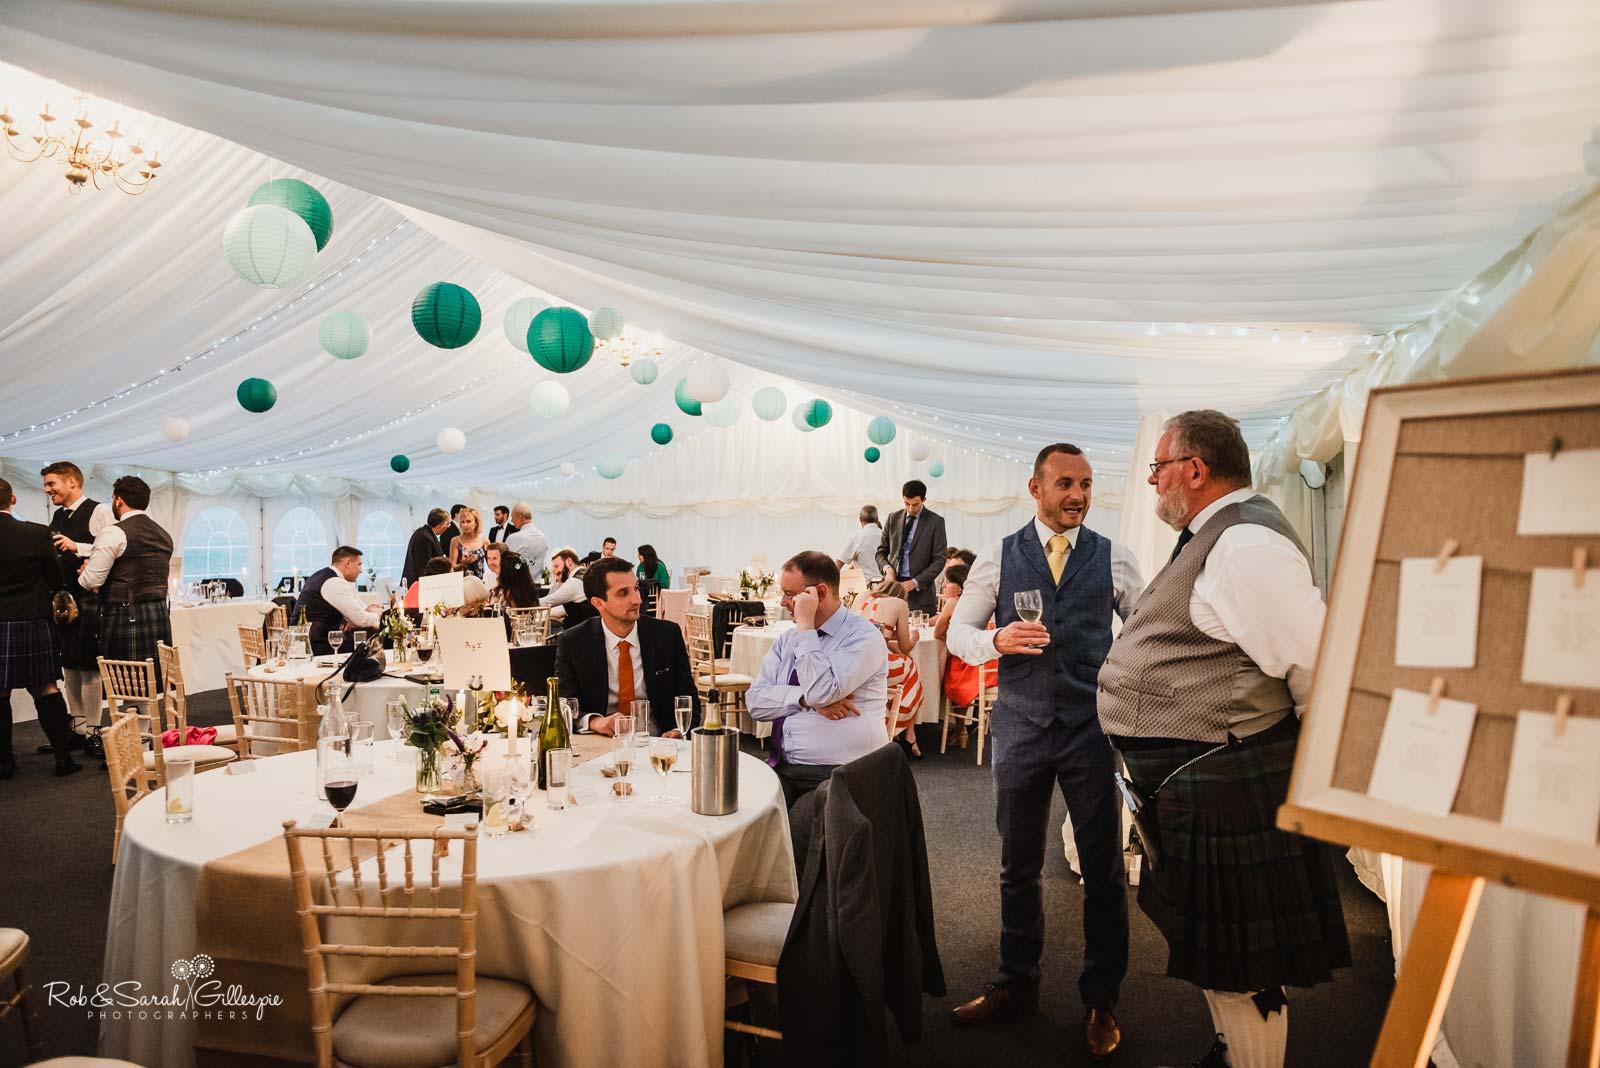 Wedding reception at Wethele Manor